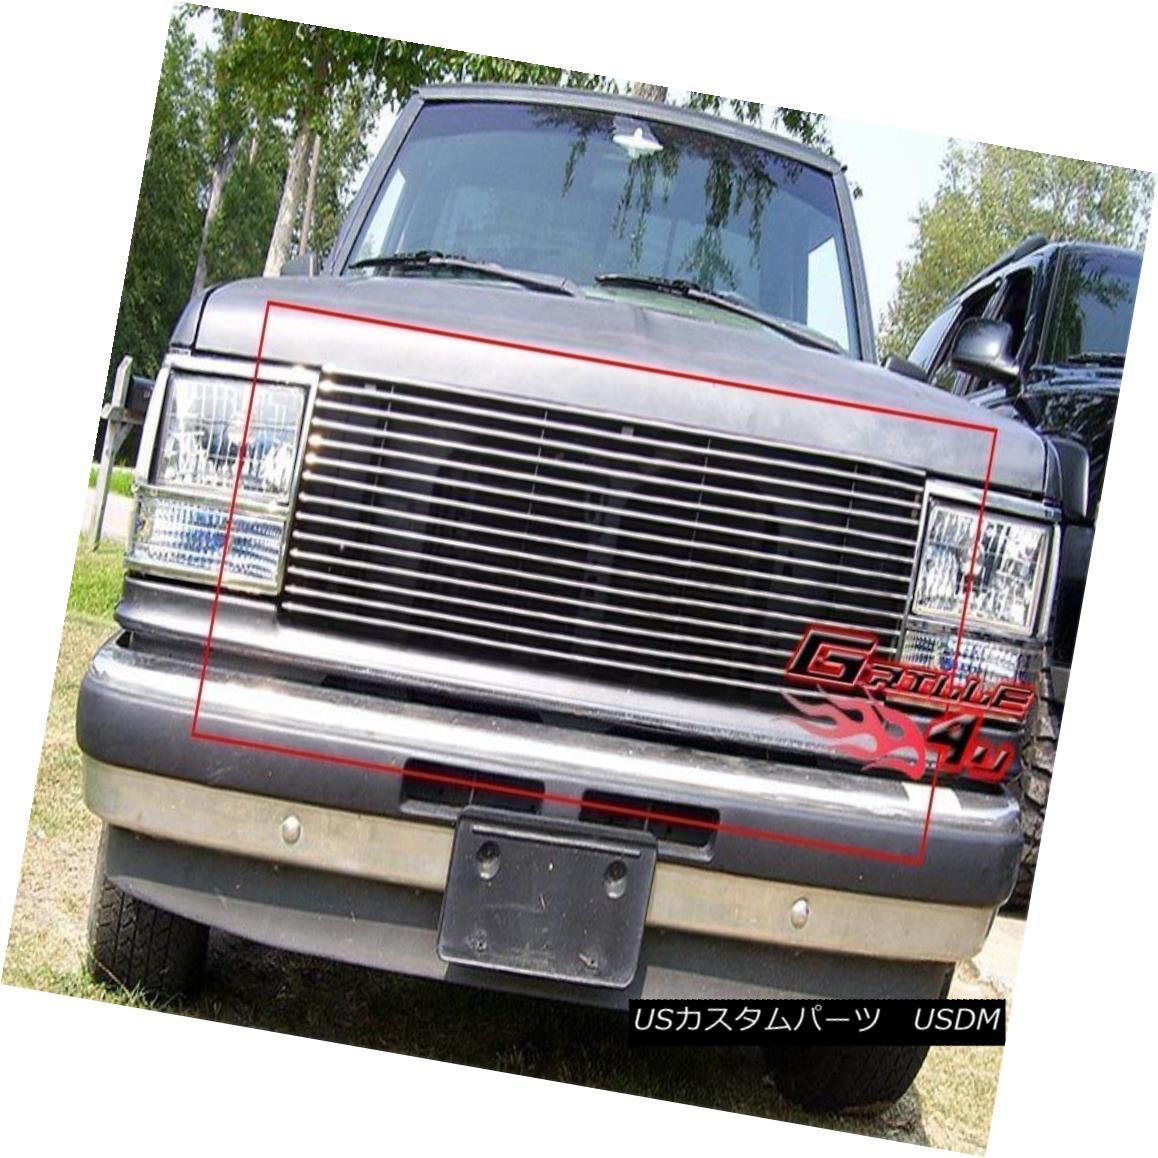 グリル Fits 89-92 Ford Bronco 2/Ranger 90-94 Explorer Main Upper Billet Grille フィット89-92フォードブロンコ2 /レンジャー90-94エクスプローラメインアッパービレットグリル